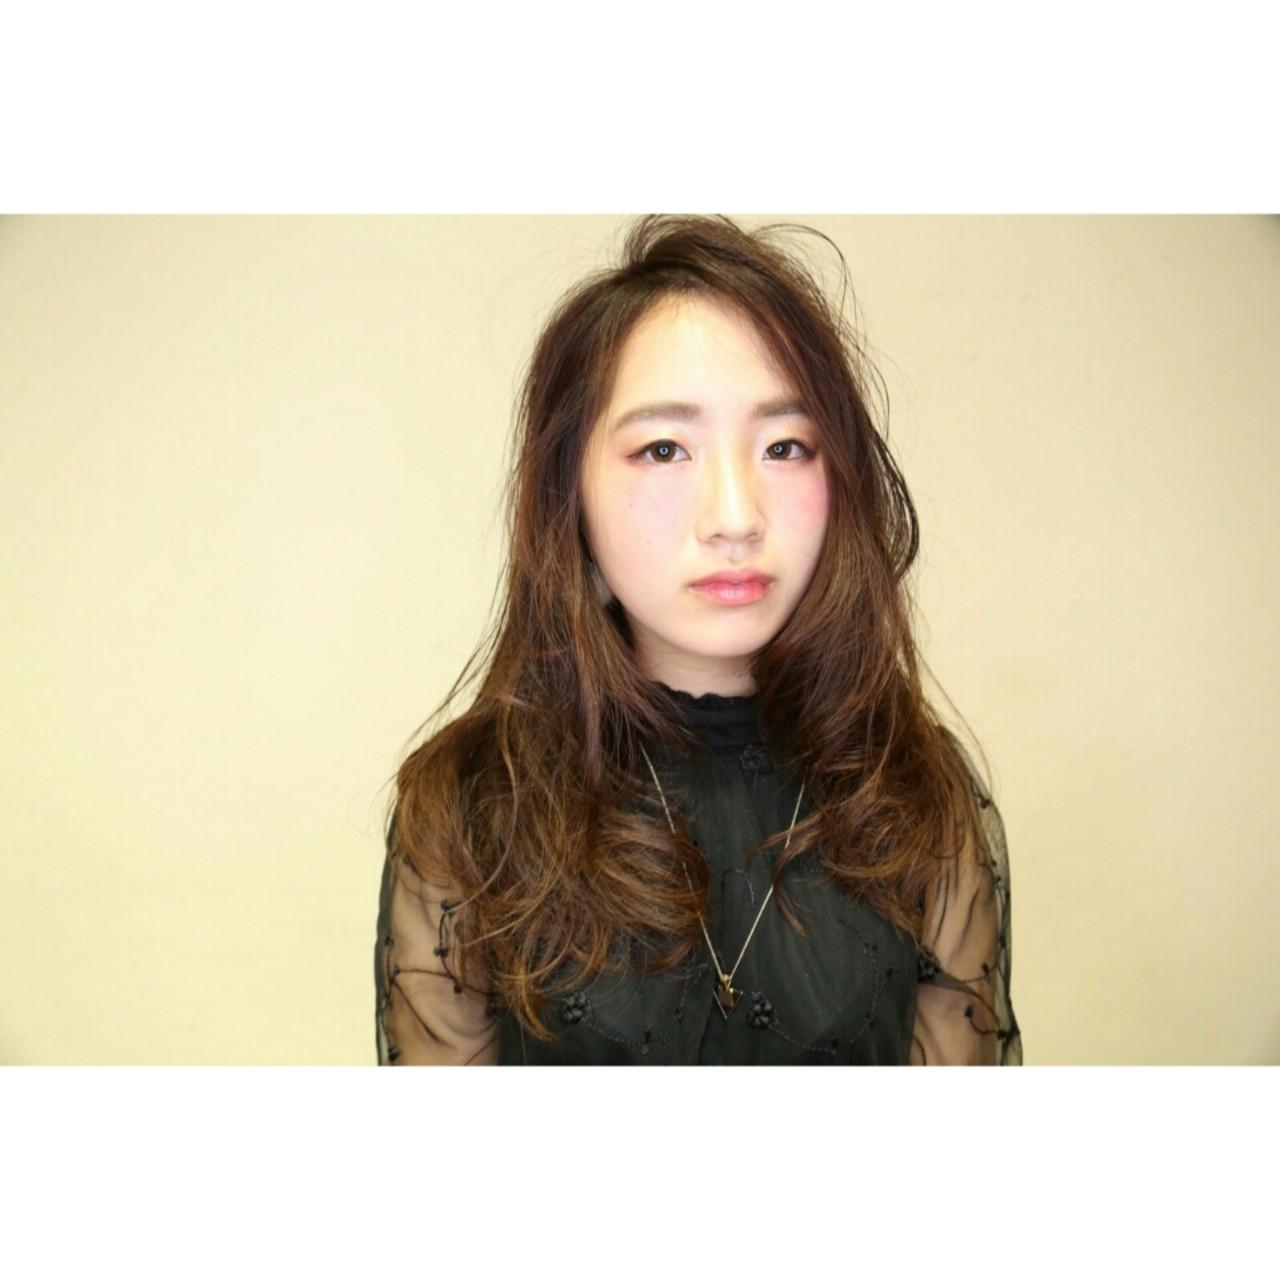 外国人風 ナチュラル 暗髪 アッシュ ヘアスタイルや髪型の写真・画像 | 濱上 円来 /